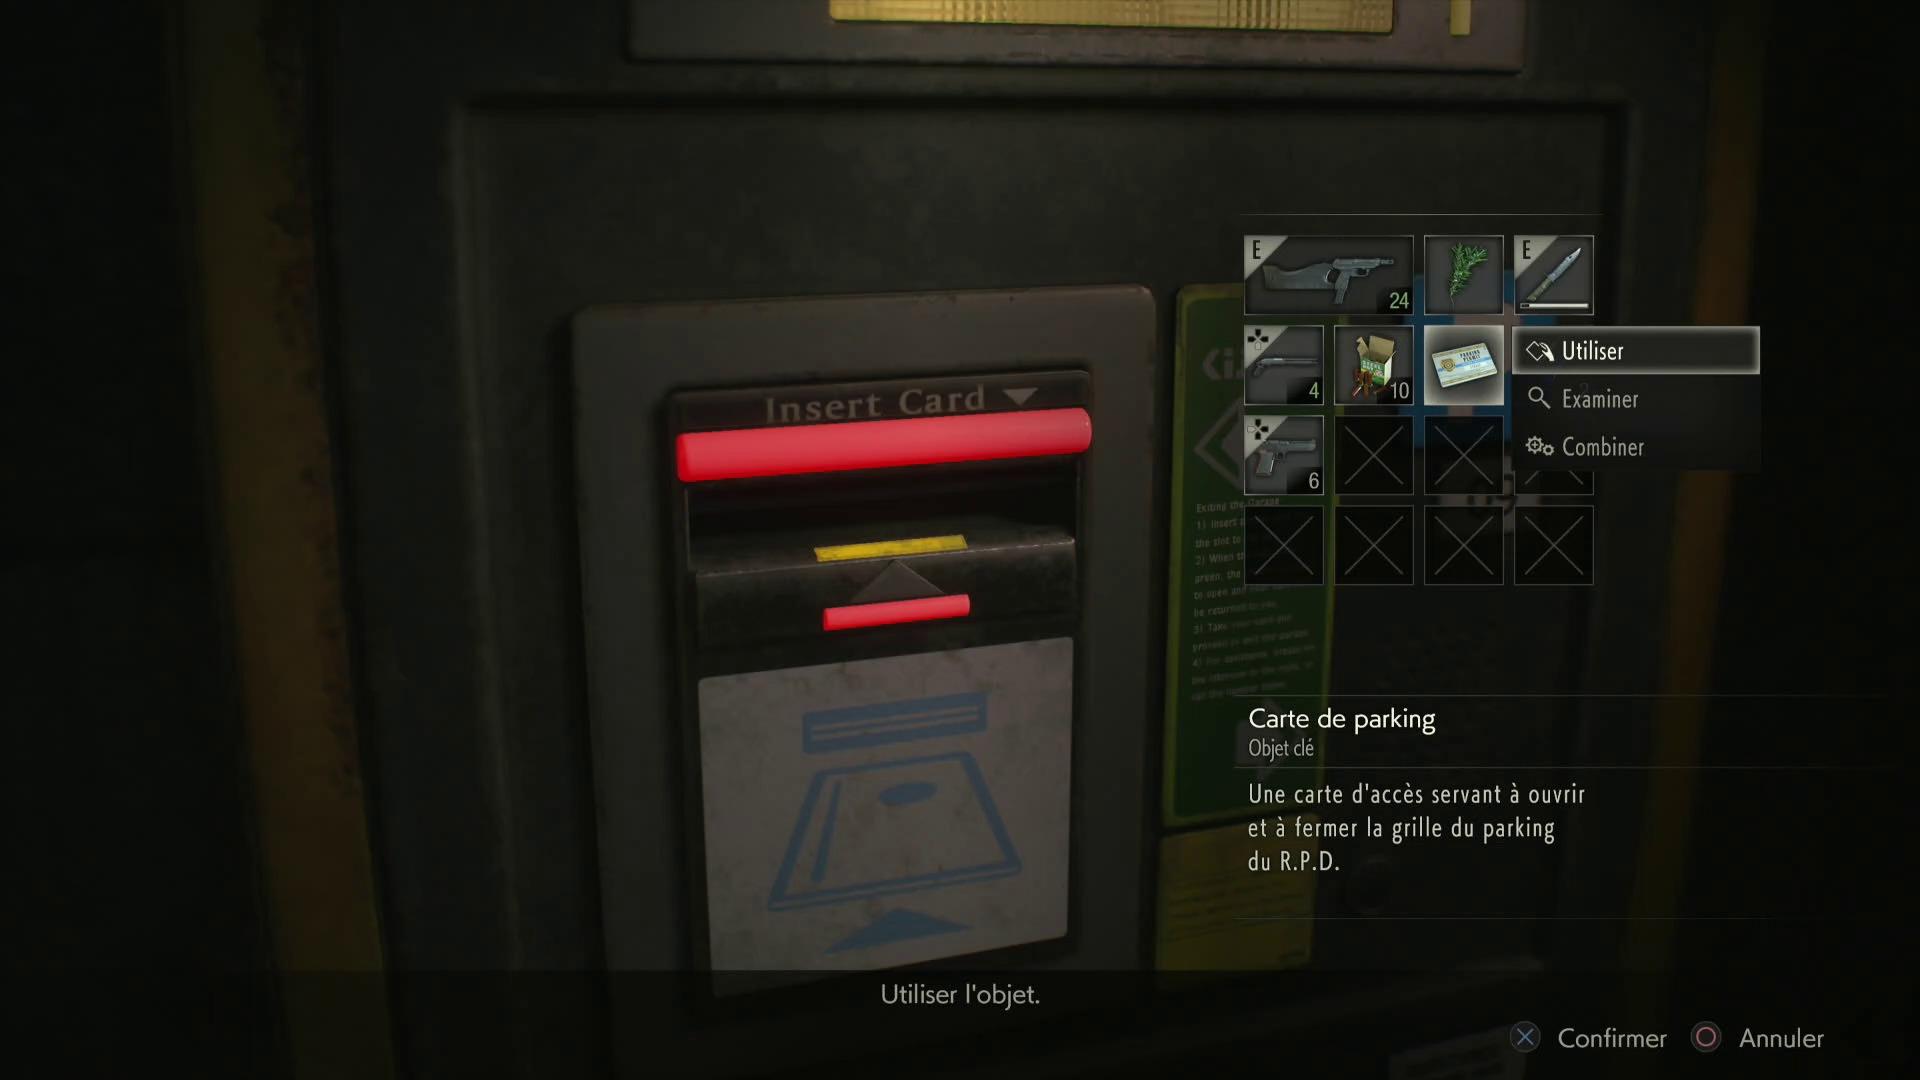 aperçu Resident Evil 2 Remake lecteur de carte du parking